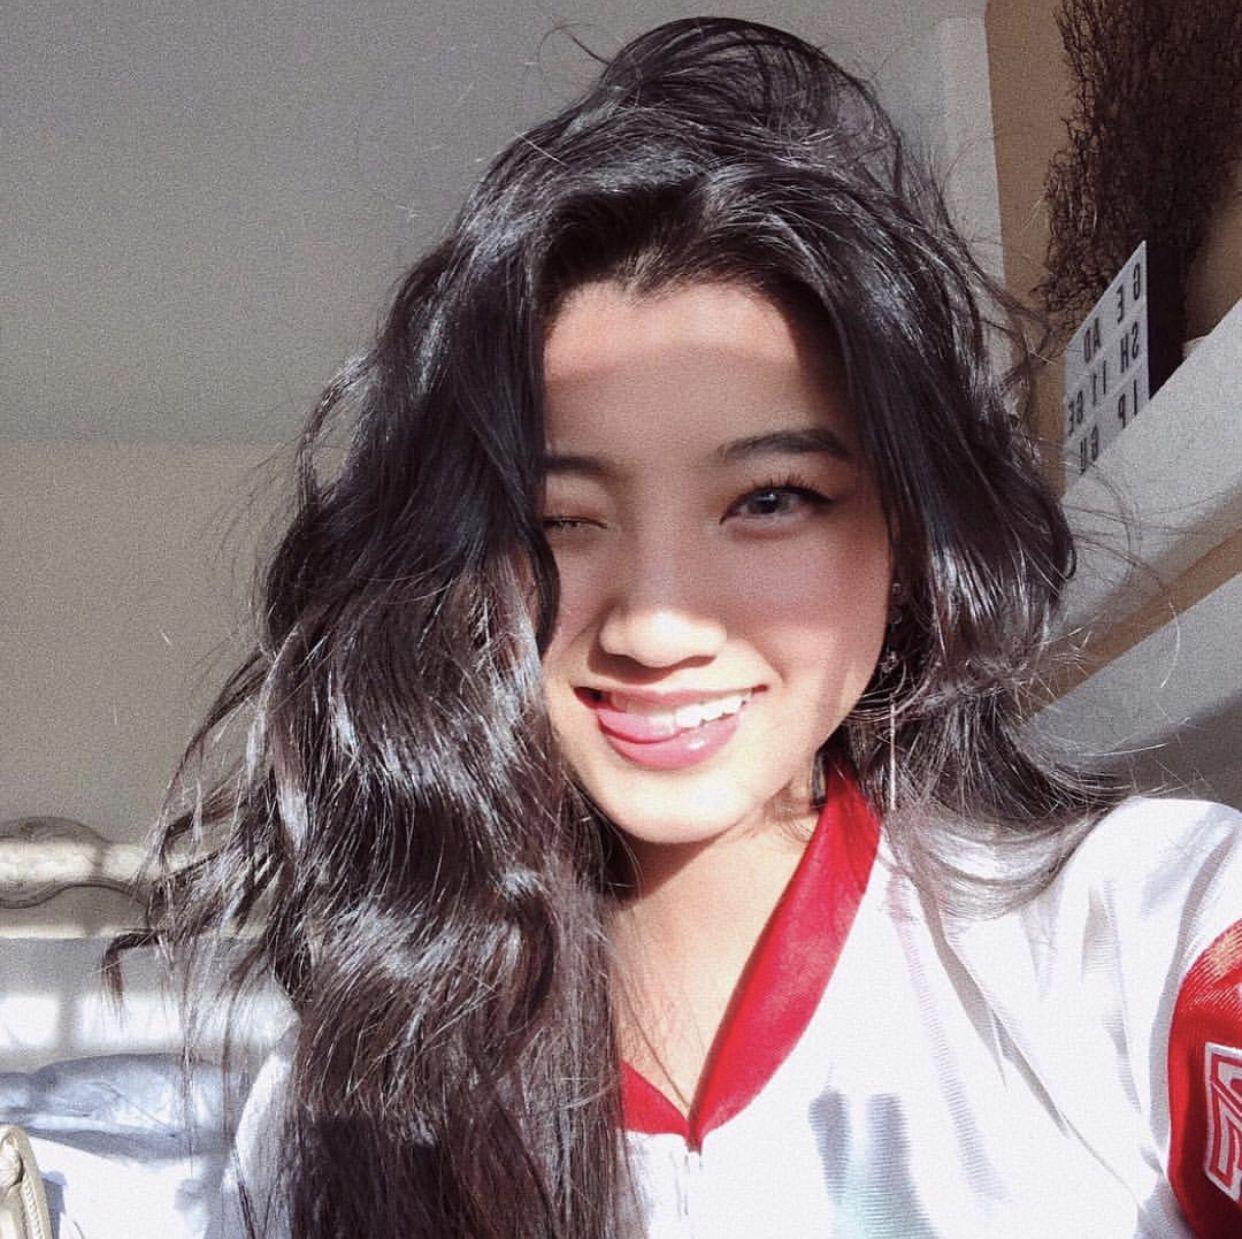 Korean Girl Japanese Guy